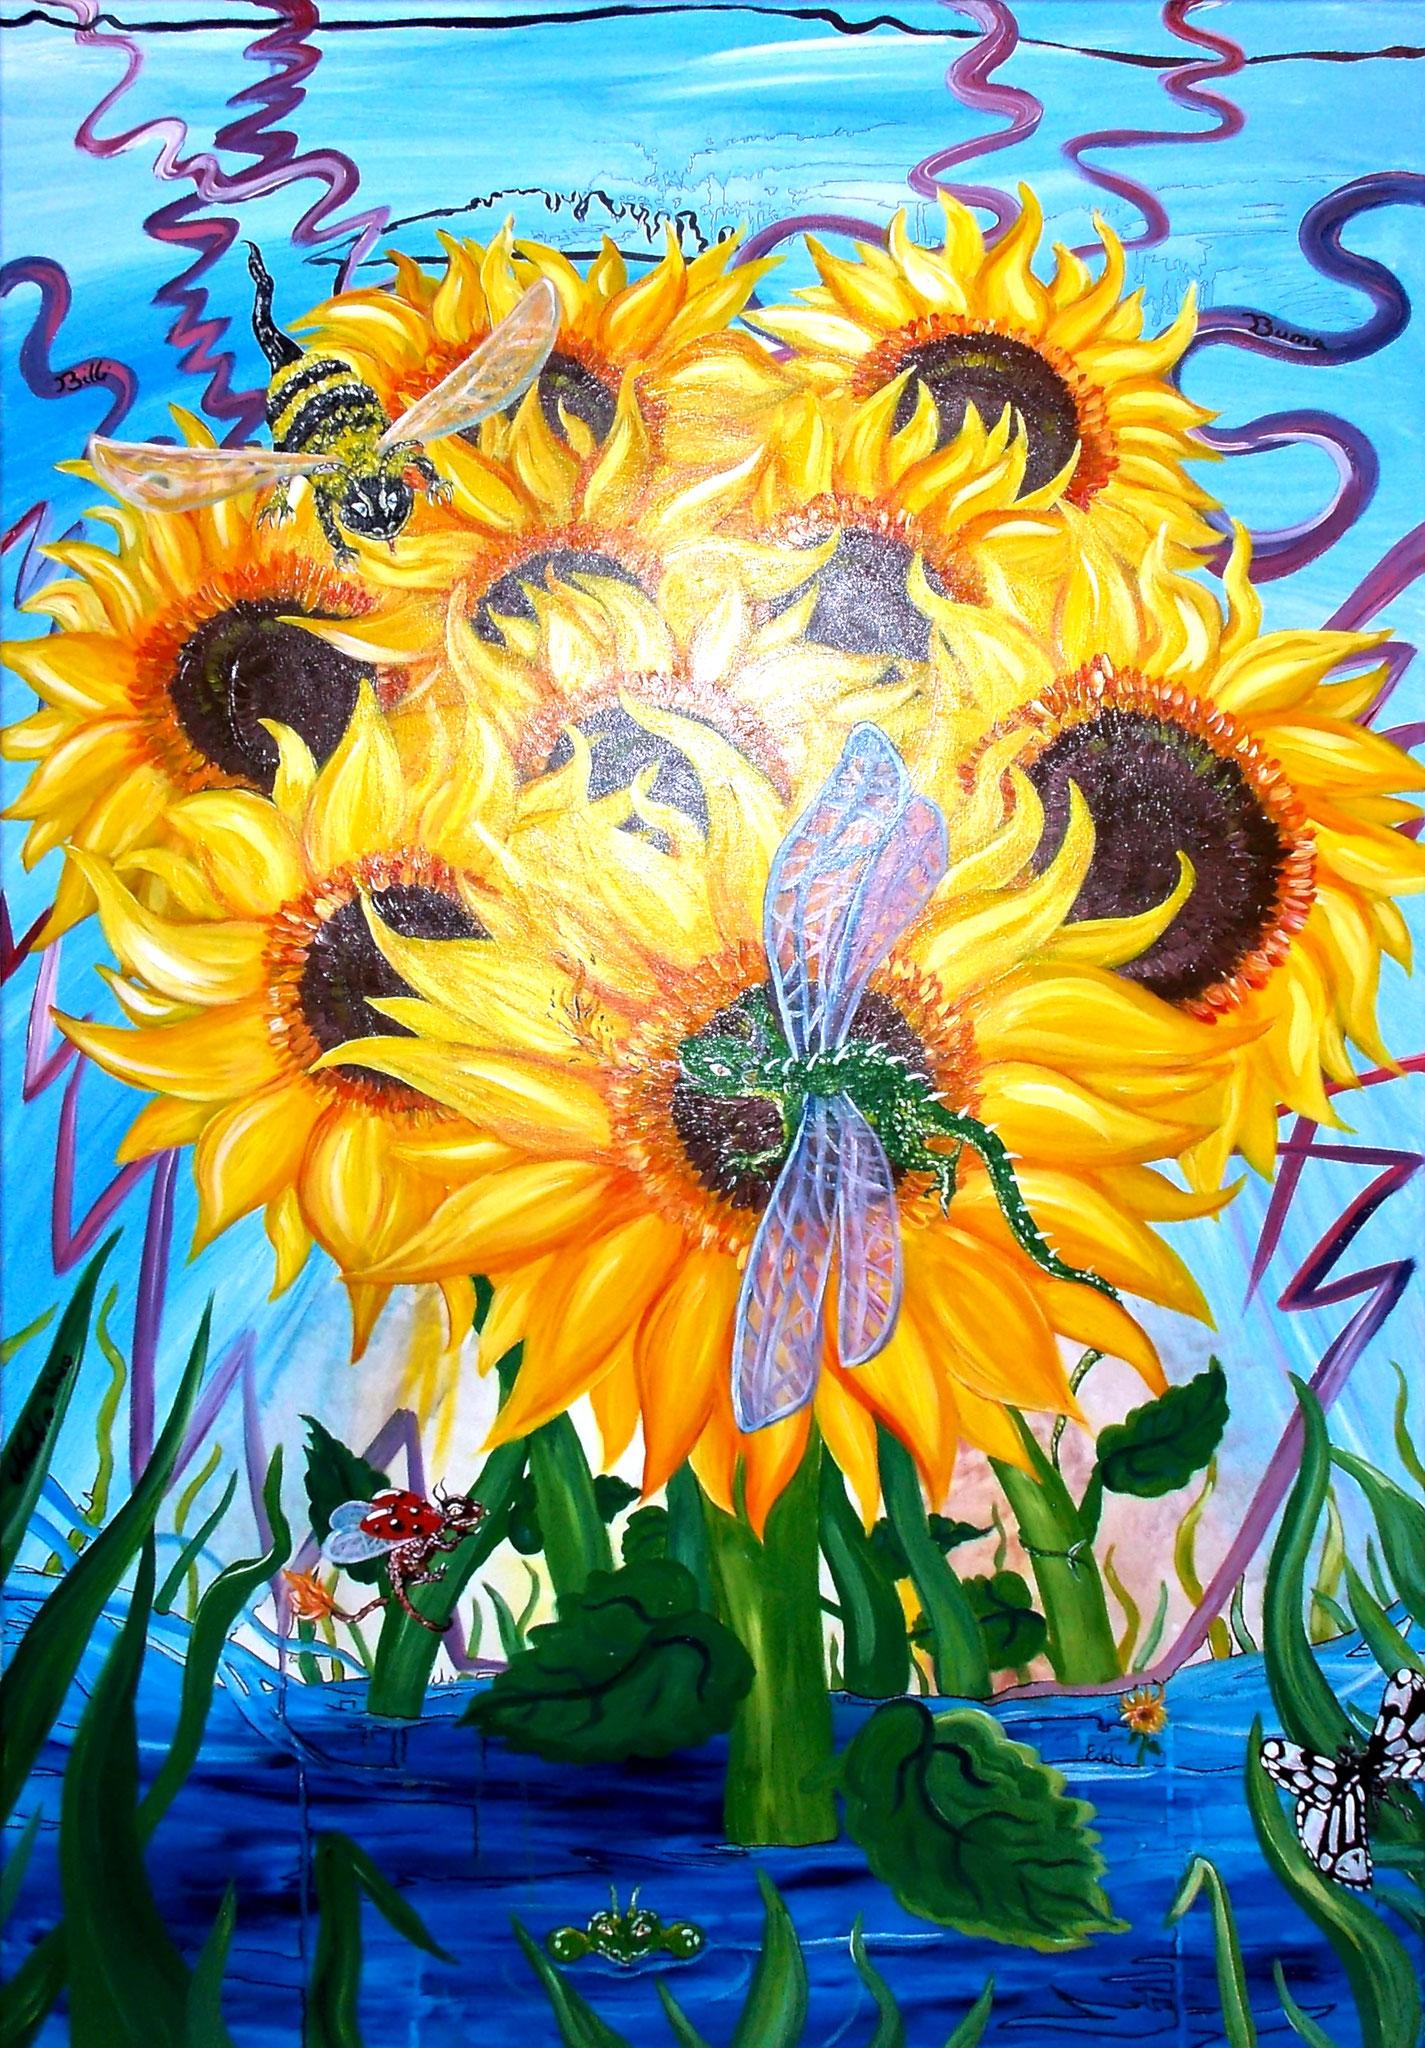 Sonnenblumendrachen Acryl auf/Eddingmix Leinwand 100x90cm Auftragsarbeit für einen Geburtstag Grüße gehen raus :D